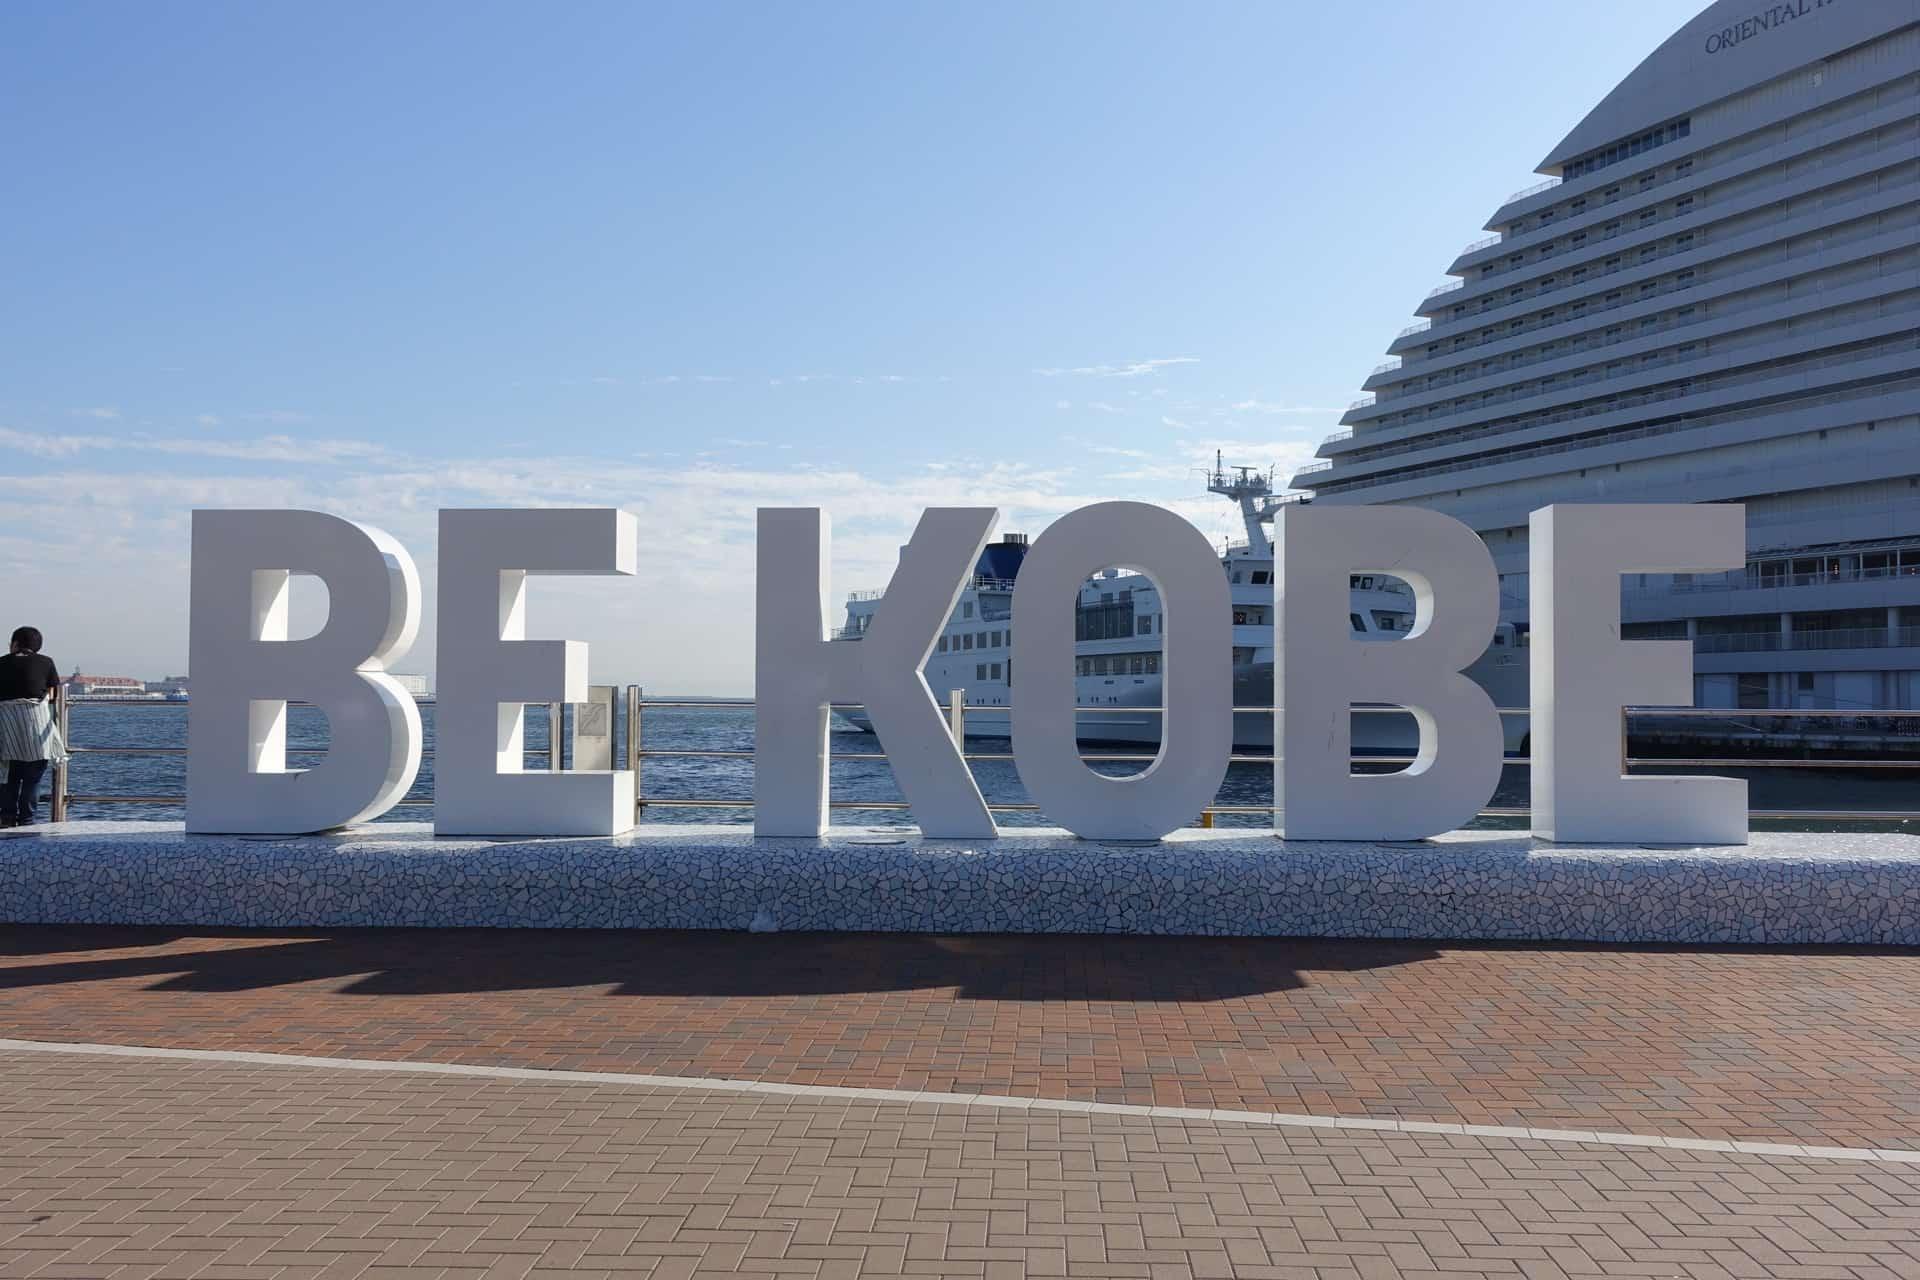 神戸・メリケンパークにある「BE KOBE」で写真を撮りたい!詳しい場所・アクセスをチェック✔︎